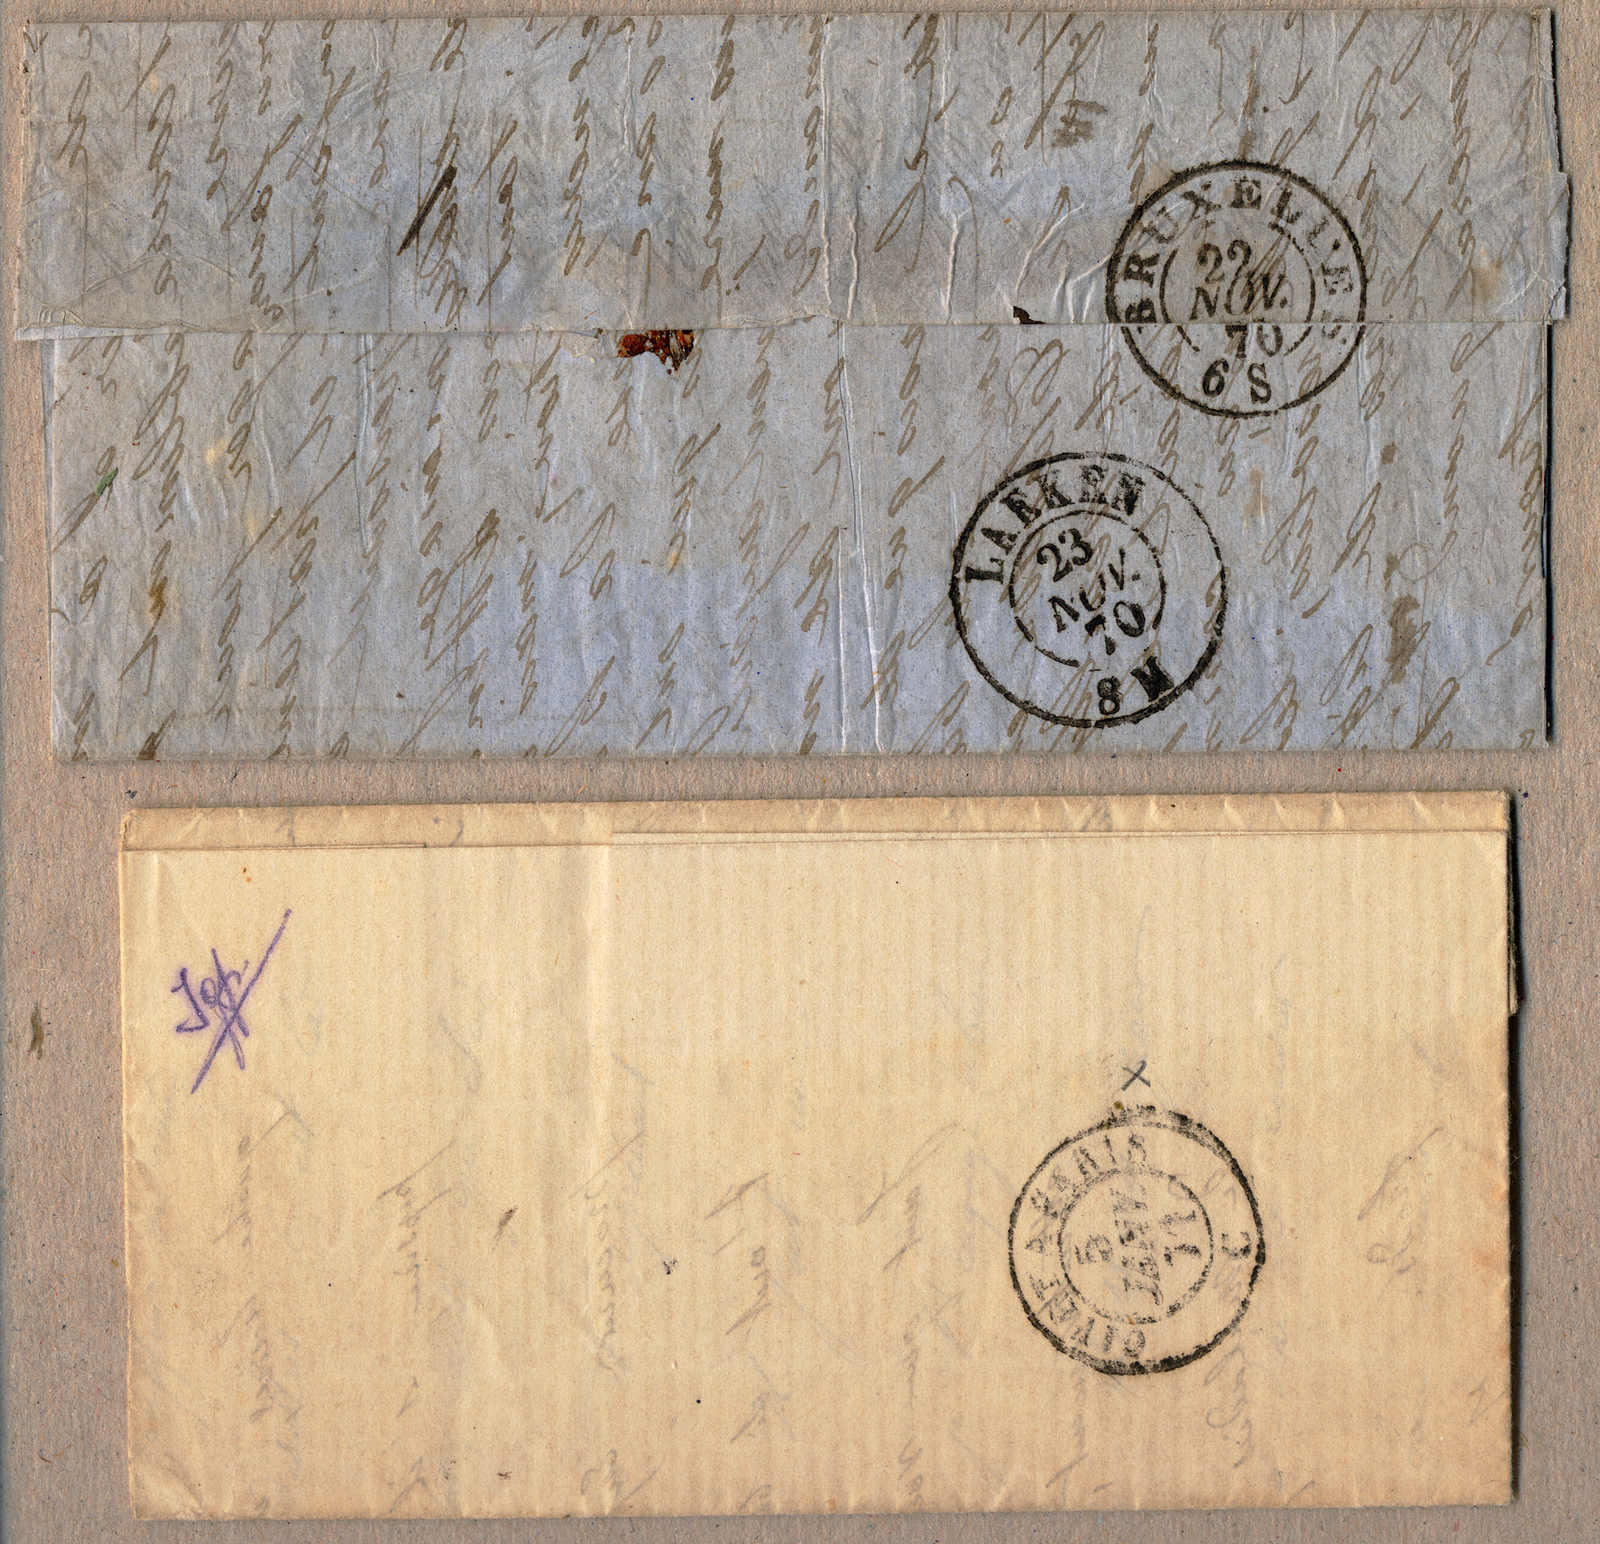 Lot 10085 - germany France Emission Siege de Paris 1870-71 -  classicphil GmbH 3 rd classicphil Auction - VIENNA- AUSTRIA